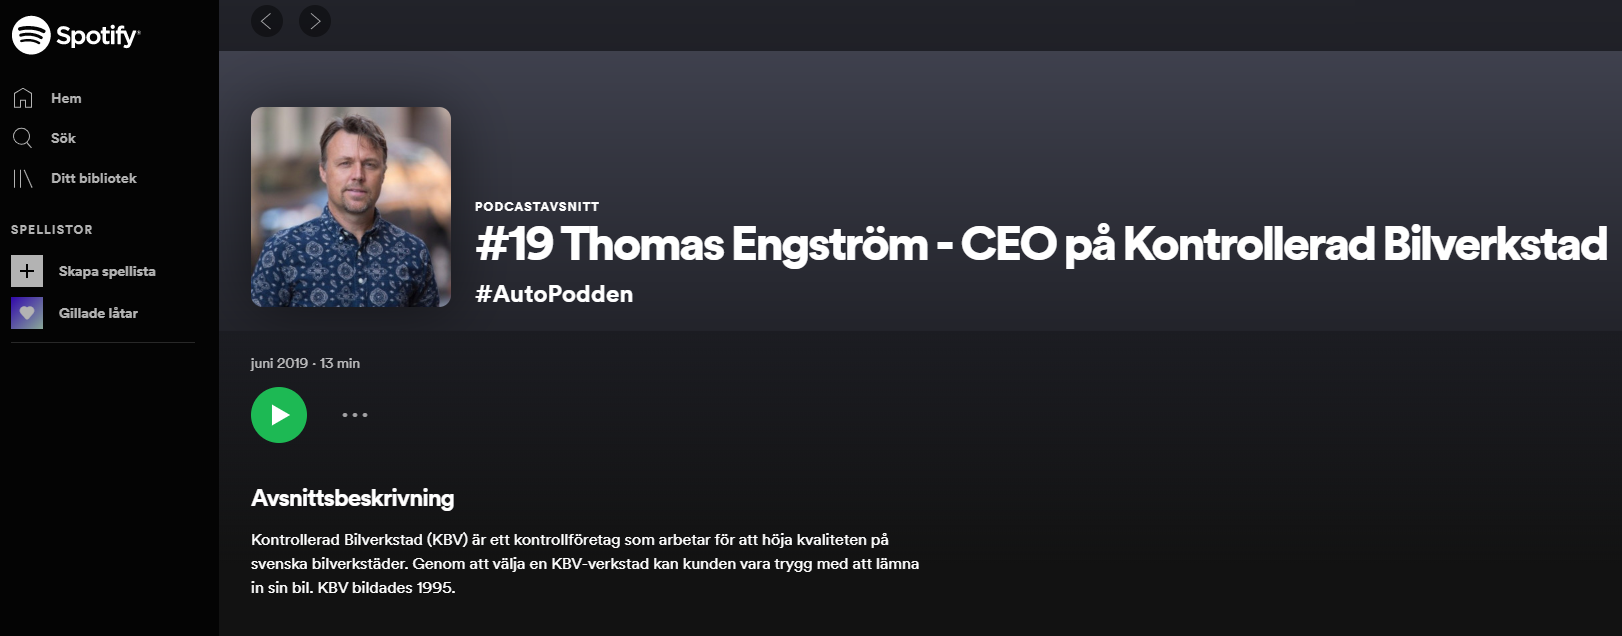 I det här avsnittet intervjuades Thomas Engström av Jorge Castro (autopodden) som drevs på uppdrag av ABS Wheels